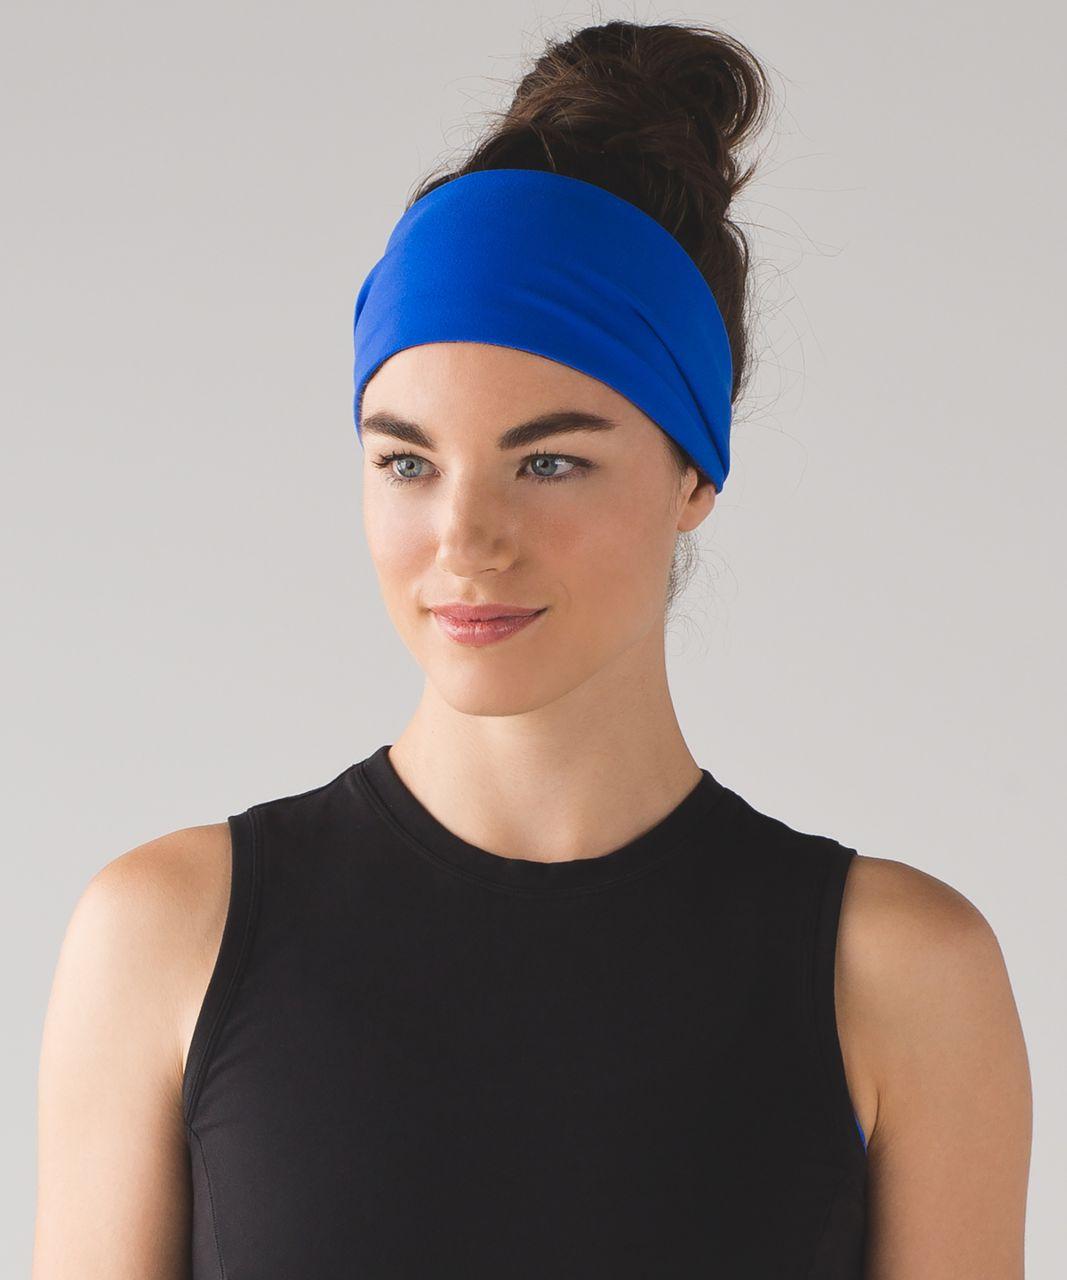 Lululemon Fringe Fighter Headband - Cerulean Blue / Heathered Black